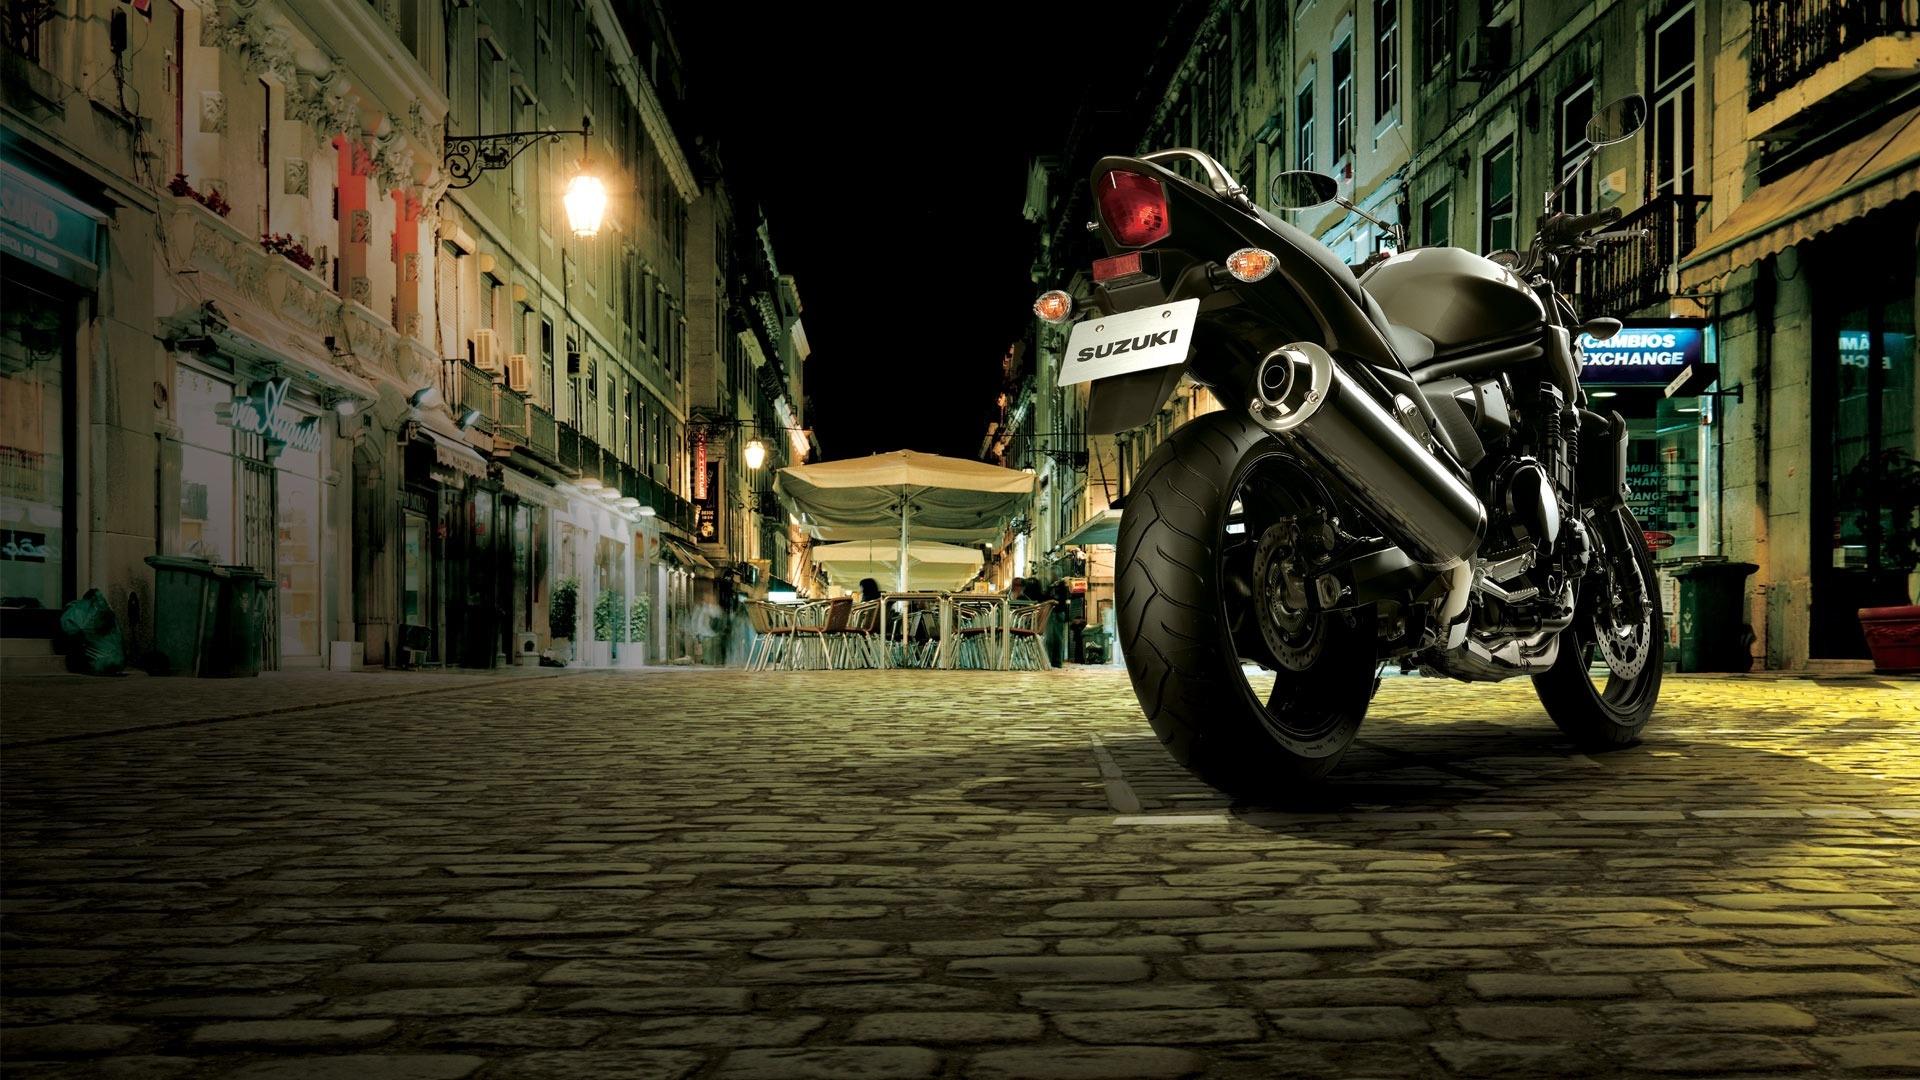 Suzuki Motorcycle Bike HD Wallpaper Stylish HD Wallpapers   Stylish 1920x1080